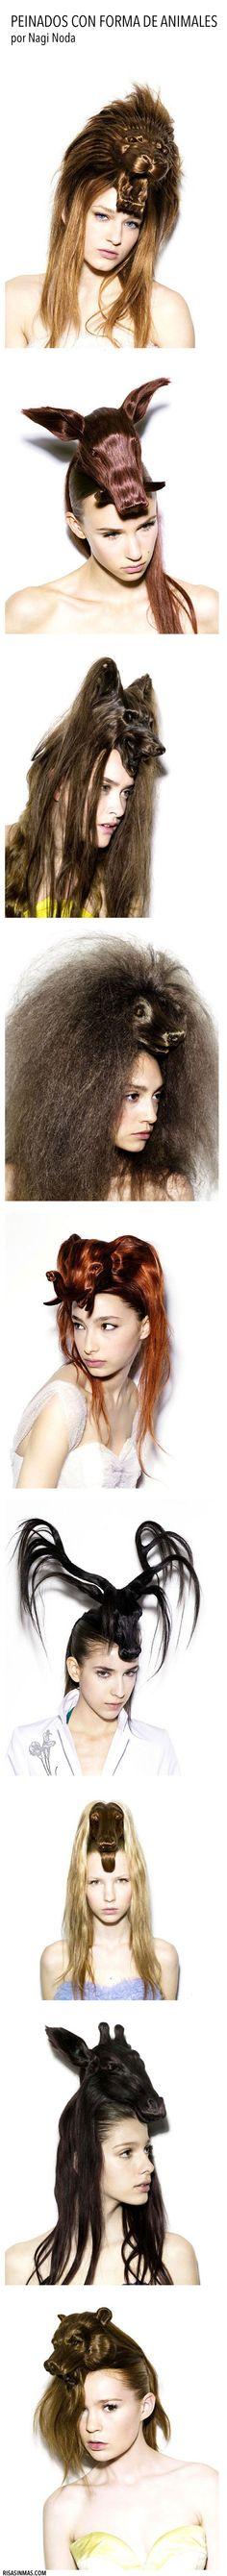 Peinados con forma de animales